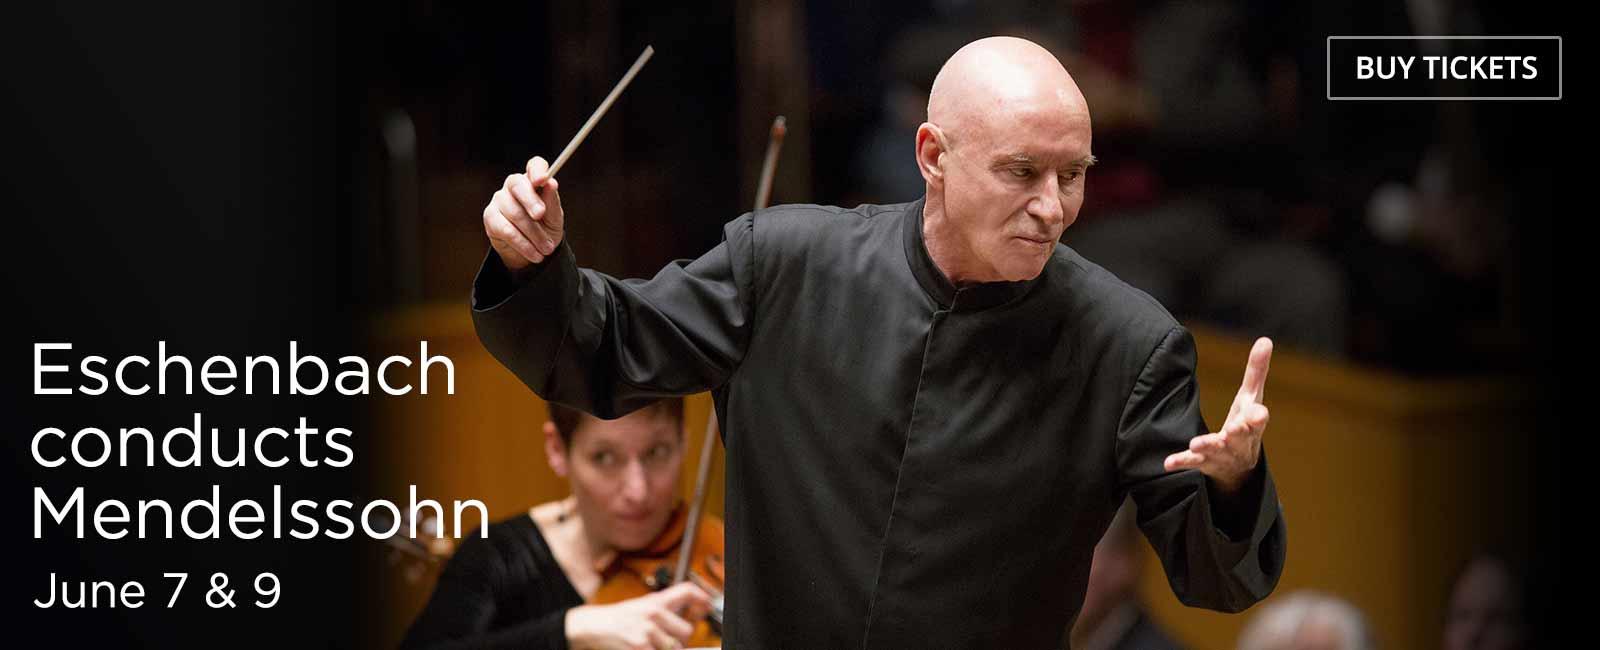 Eschenbach Conducts Mendelssohn